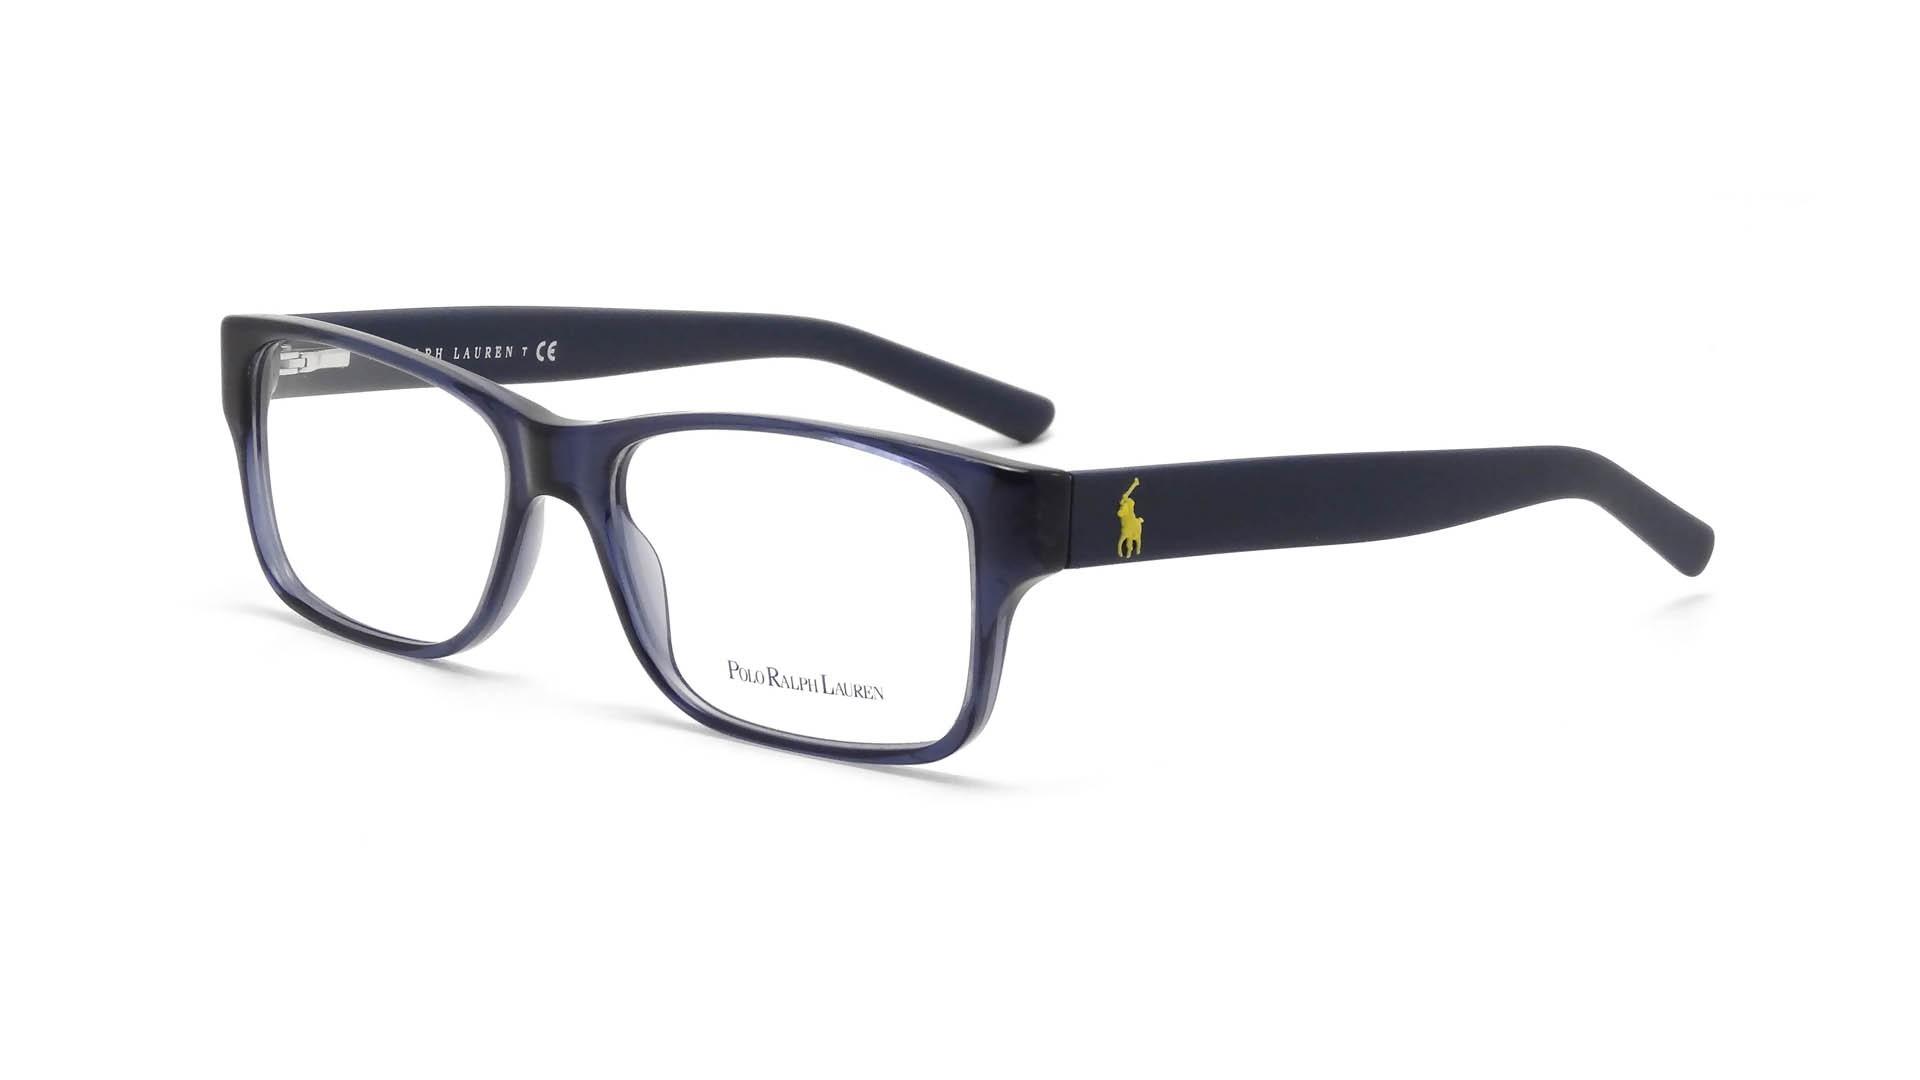 Hot Lauren Ralph 87b63 Uk Xl 54f57 Glasses Polo 9IYD2EHW